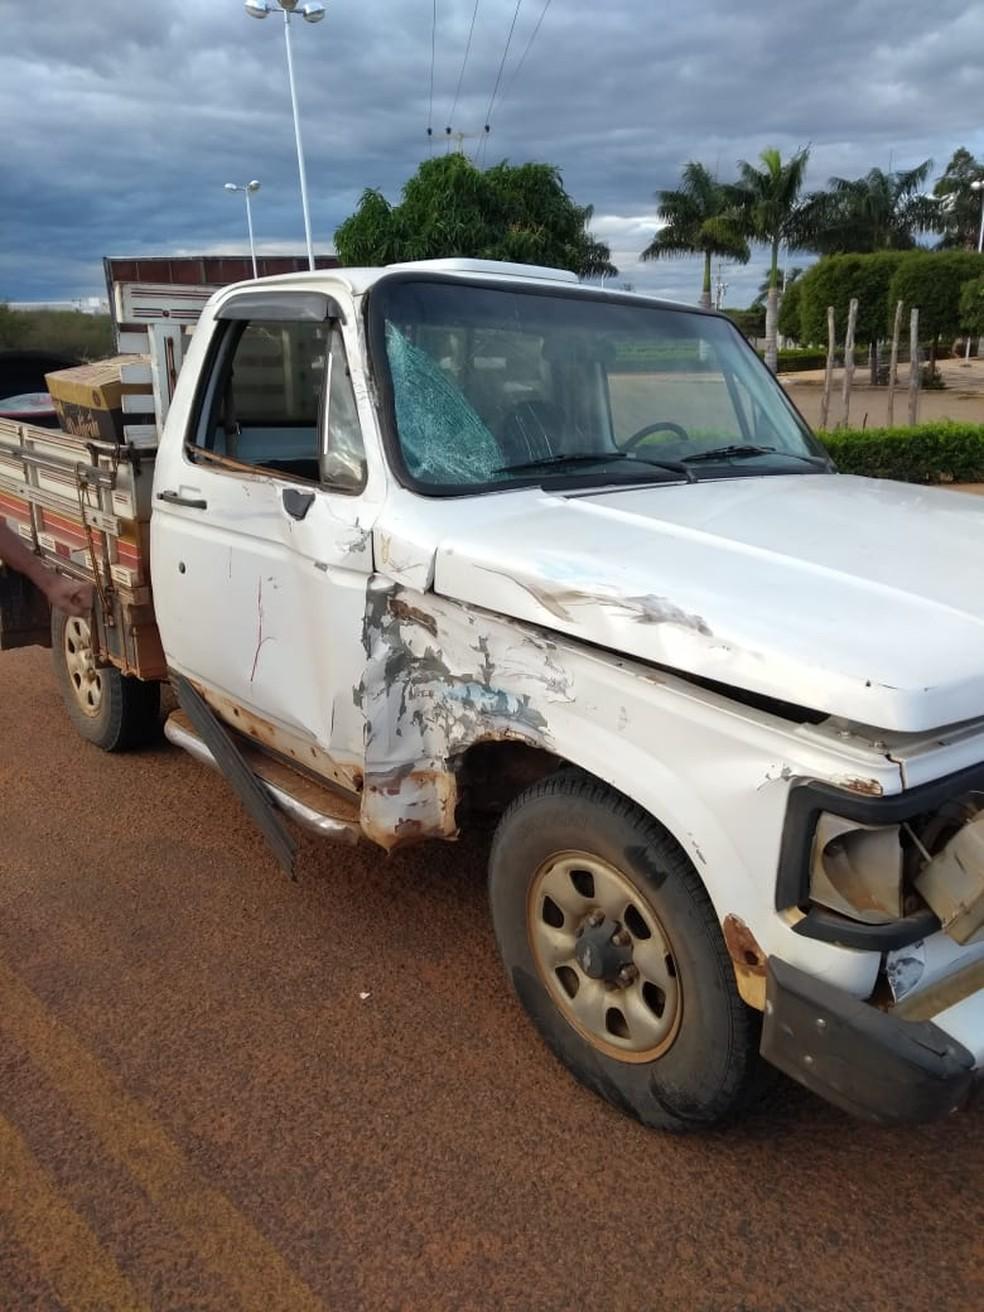 O acidente ocorreu na rodovia BR-020, entre as cidades de São Raimundo Nonato e Bonfim do Piauí. — Foto: Reprodução